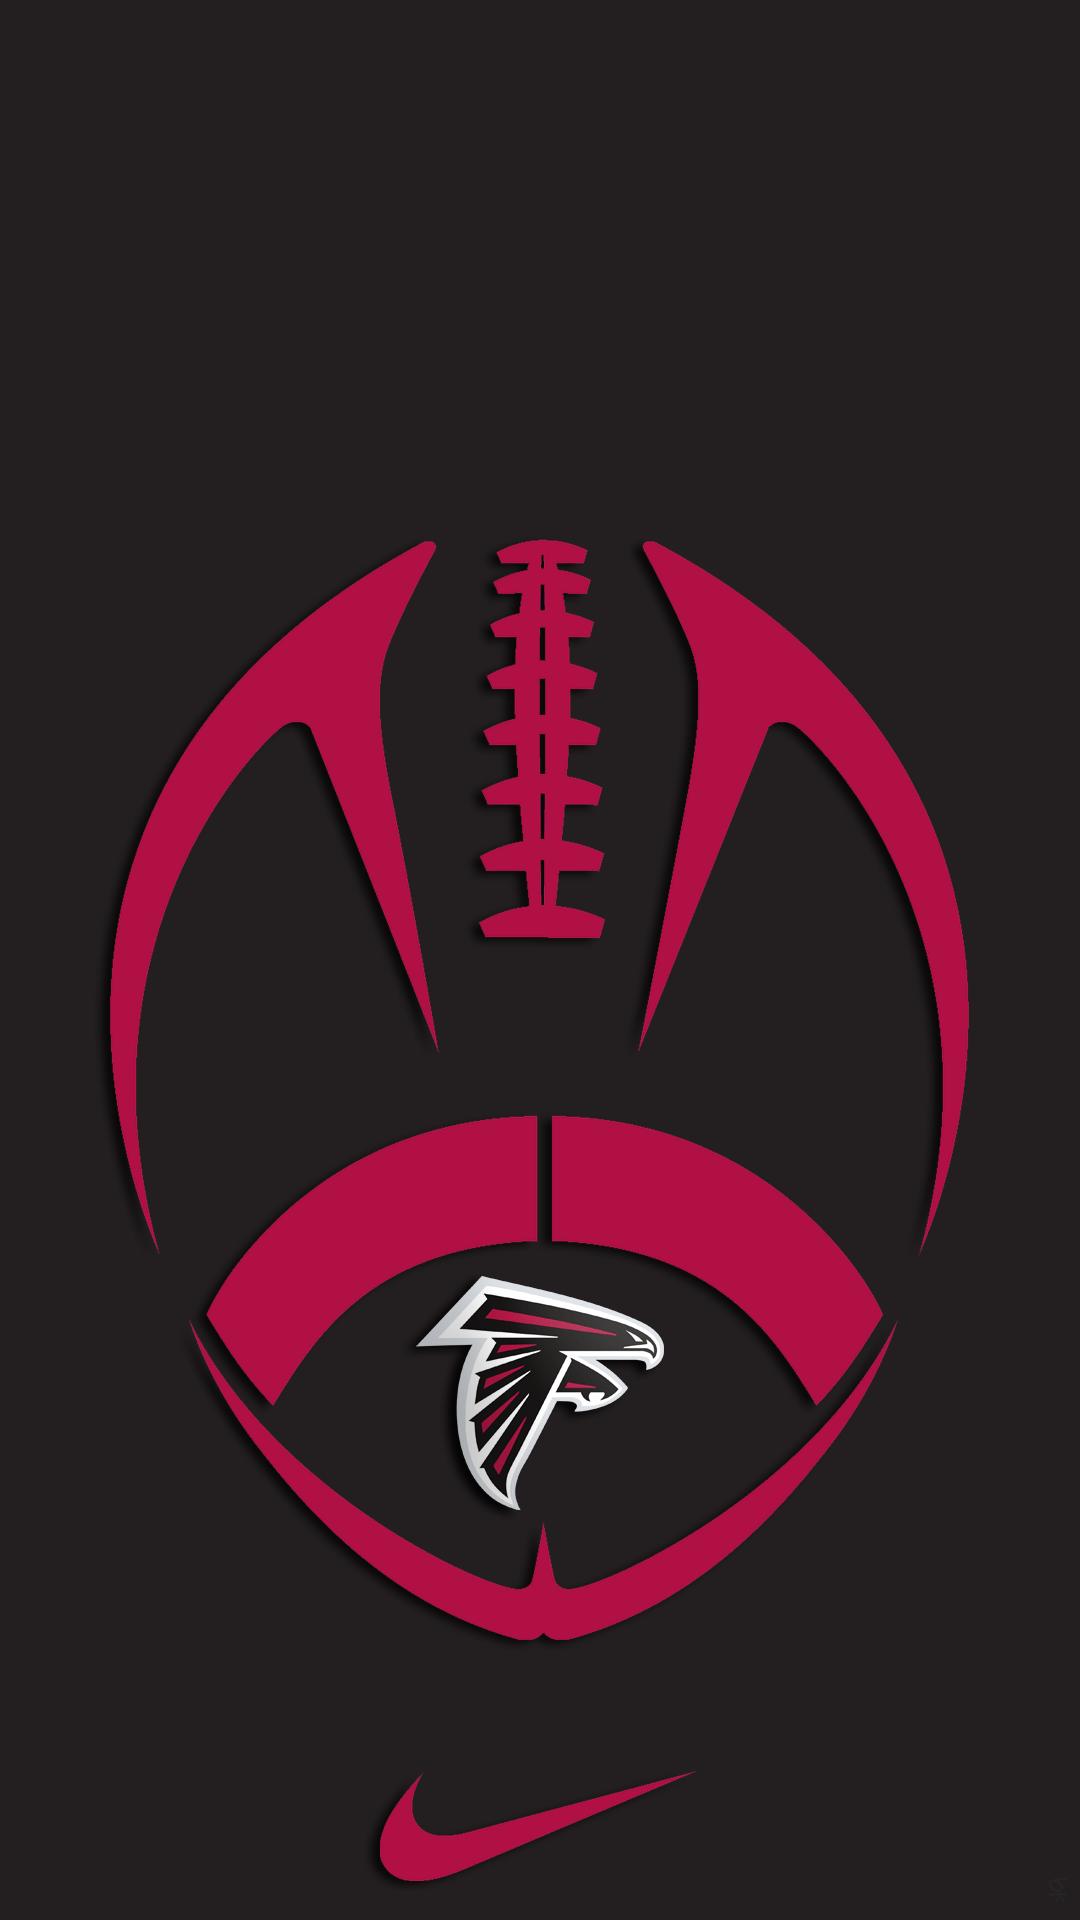 Dallas Cowboys Iphone 7 Wallpaper Atlanta Falcons Hd Wallpaper For Android Pixelstalk Net